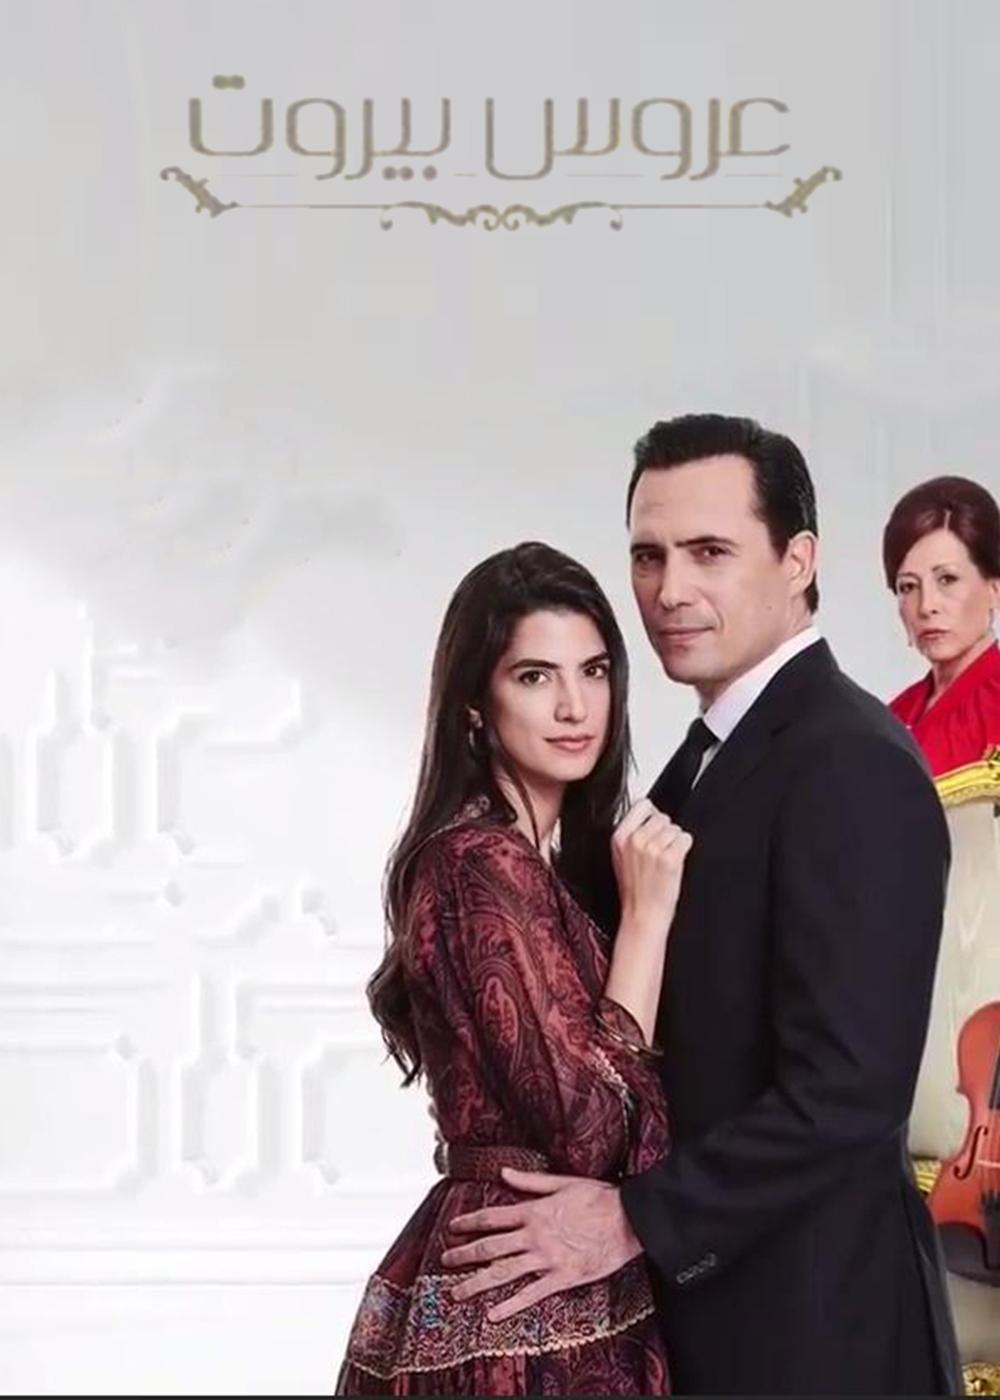 احداث وتفاصيل الحلقة 67 مسلسل عروس بيروت 2019